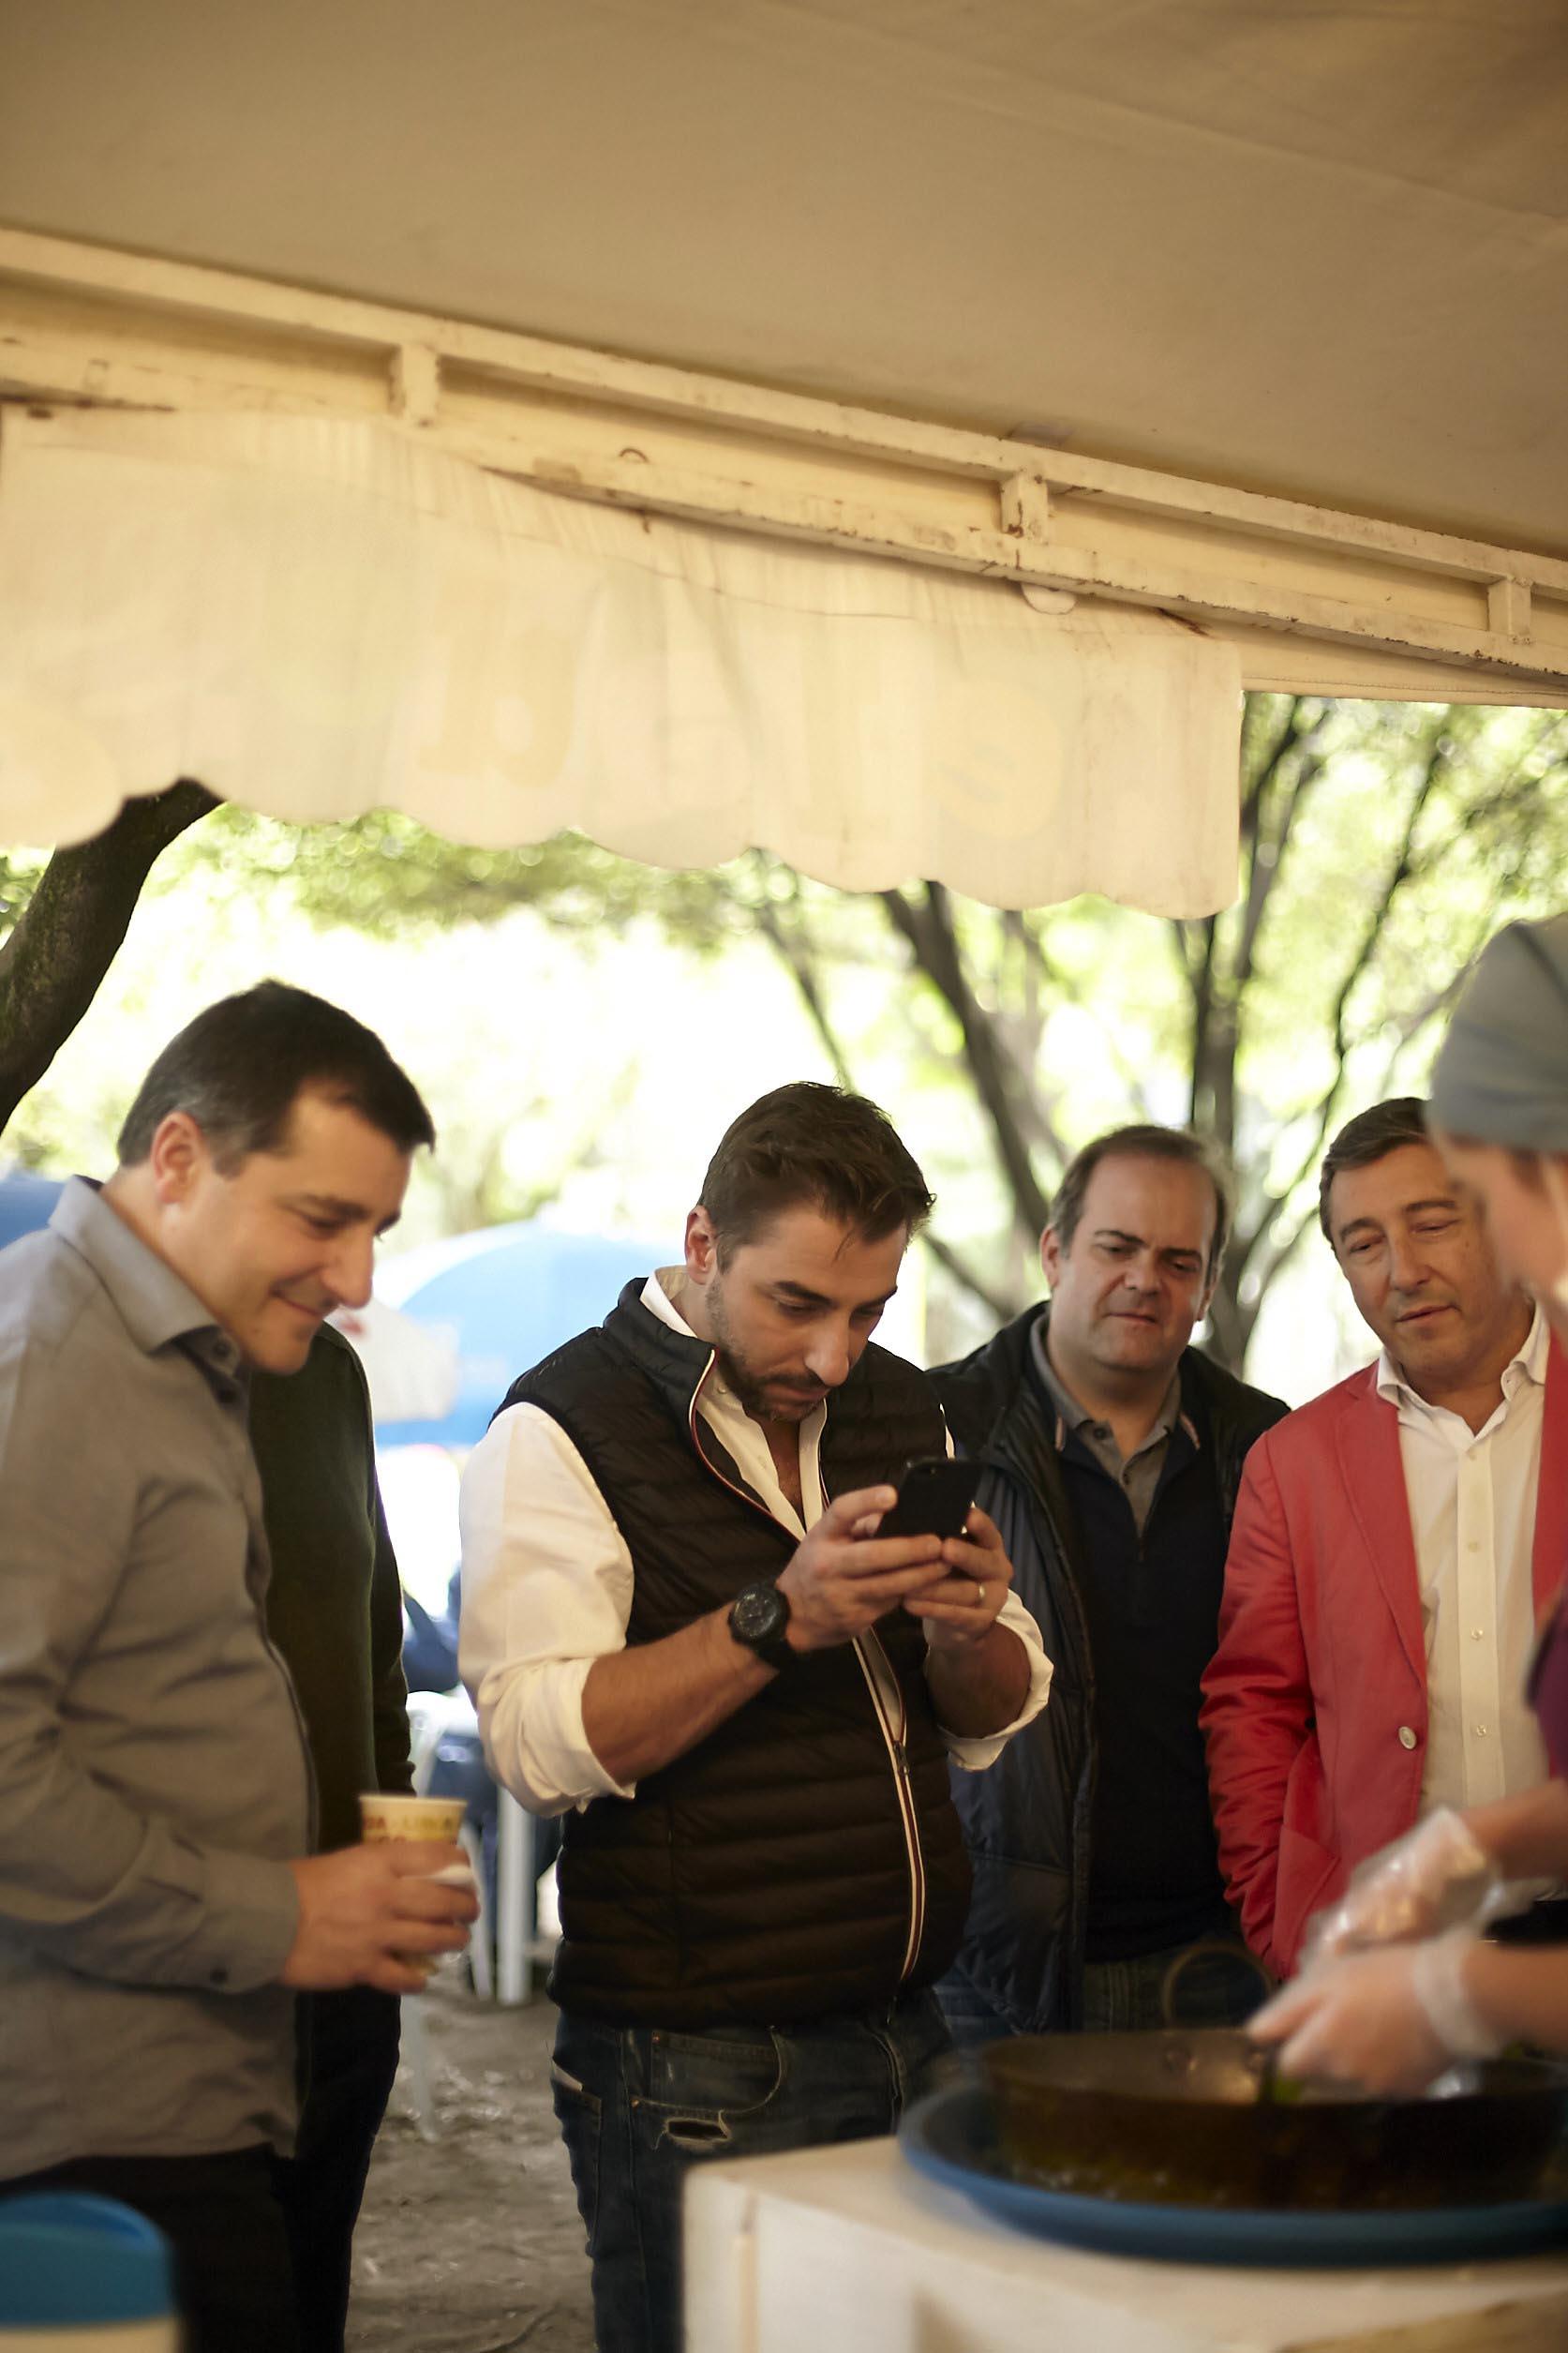 Fotografía de Jordi Roca tomando una fot con el móvil en la feria Alimentarte